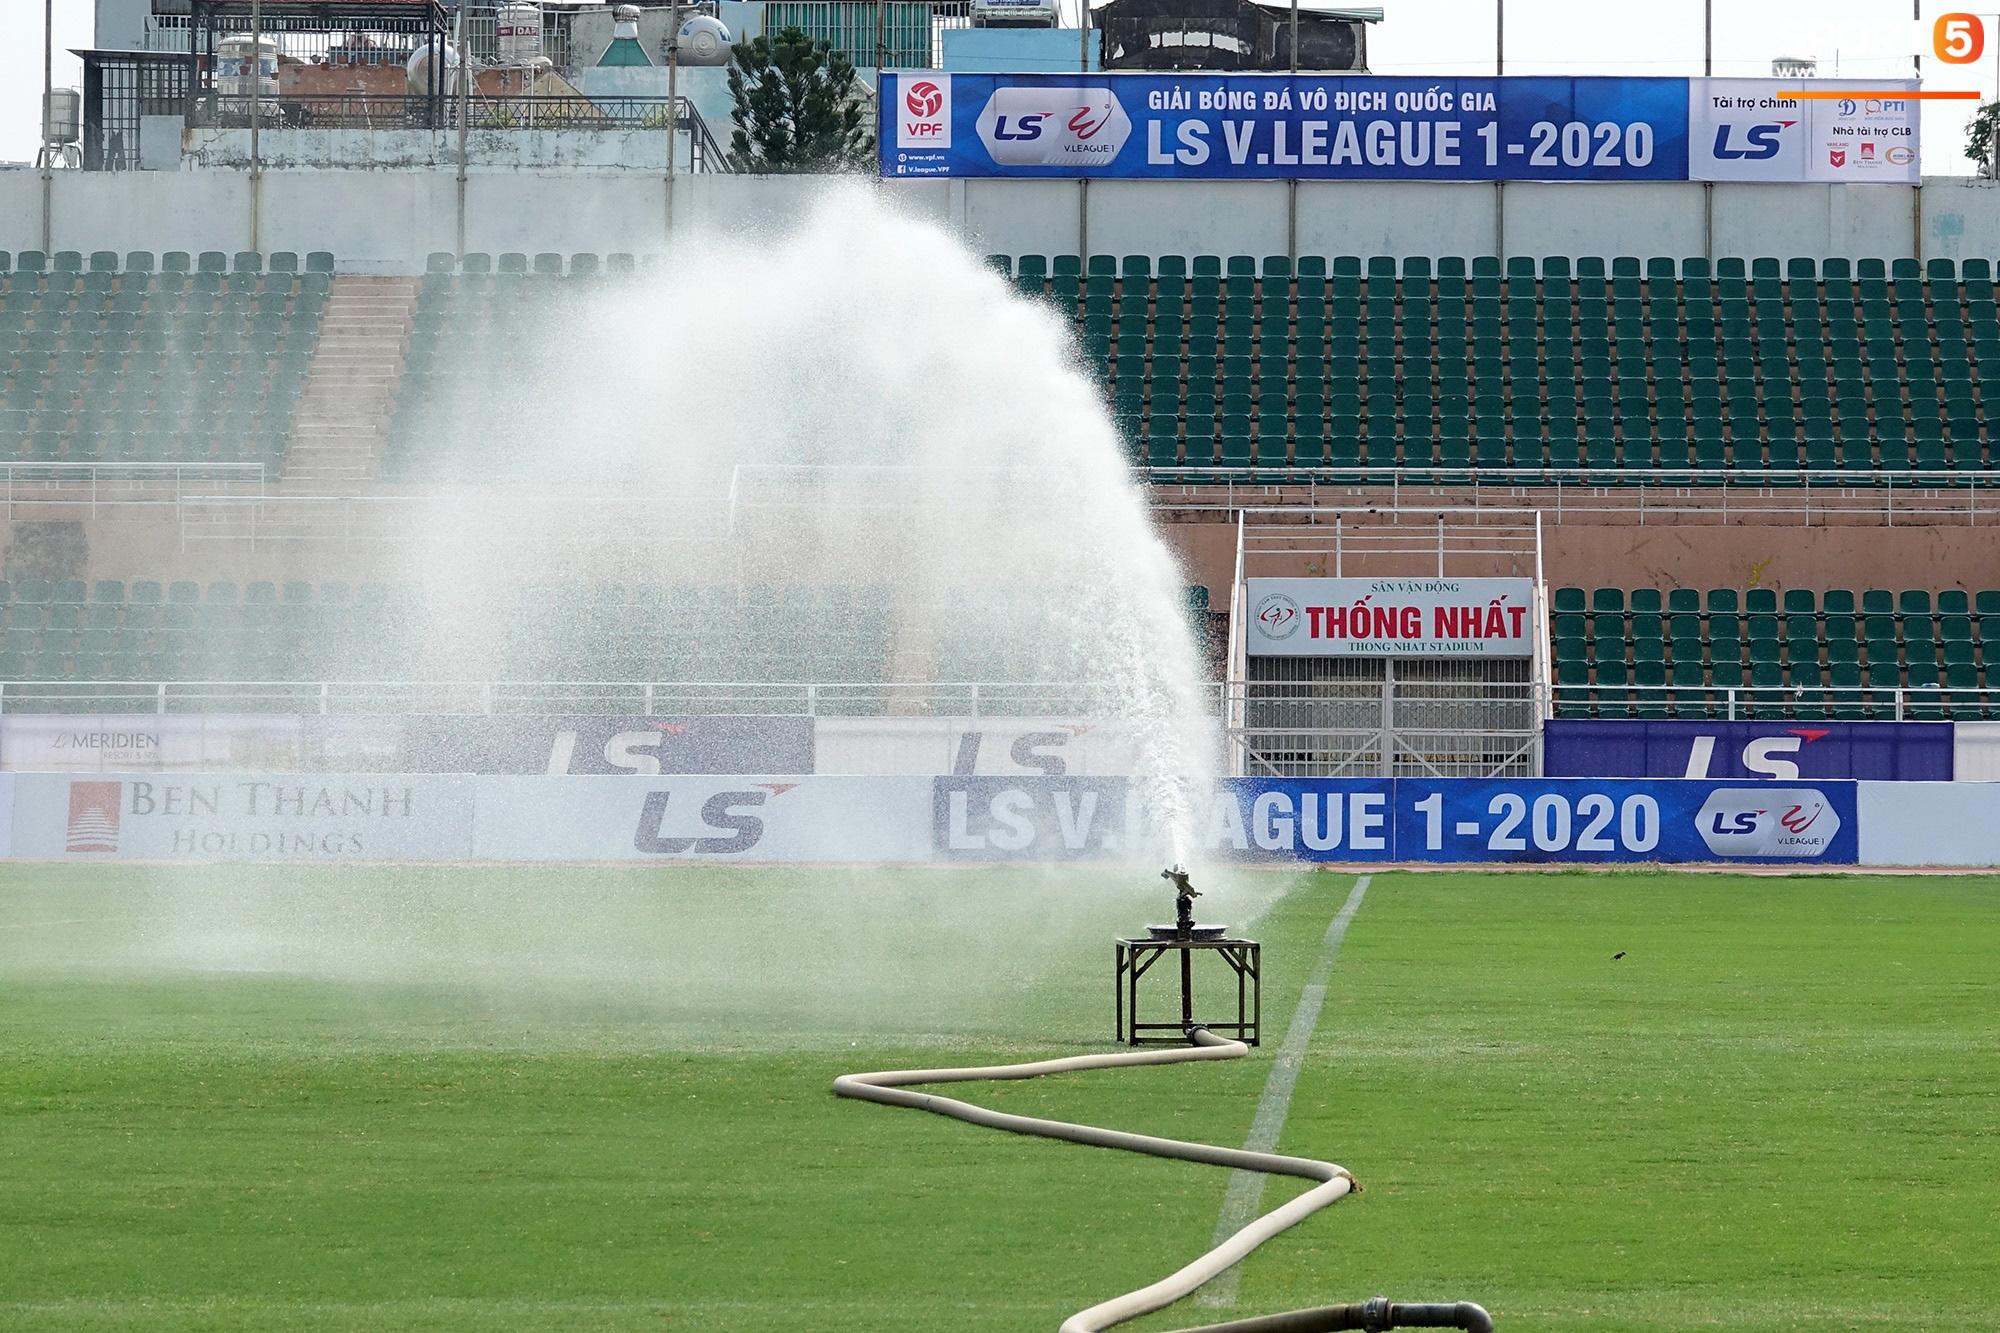 Sân Thống Nhất phun khử khuẩn trước trận đấu có HLV Park Hang-seo dự khán - Ảnh 2.